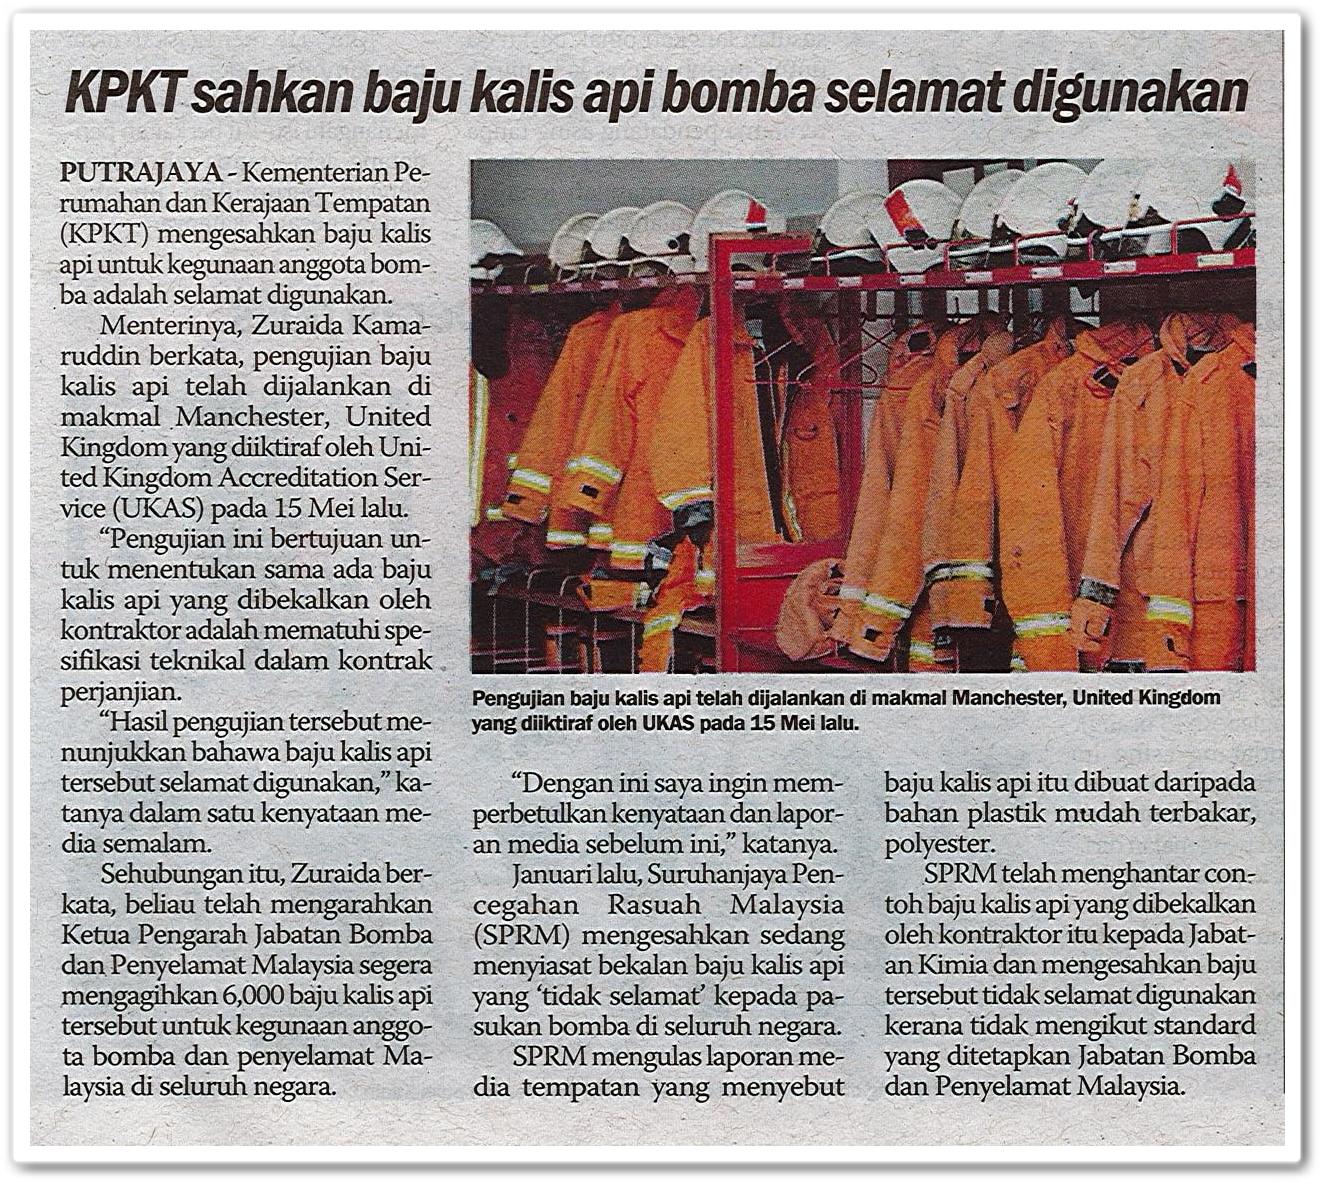 KPKT sahkan baju kalis api bomba selamat digunakan - Keratan akhbar Sinar Harian 26 Mei 2019